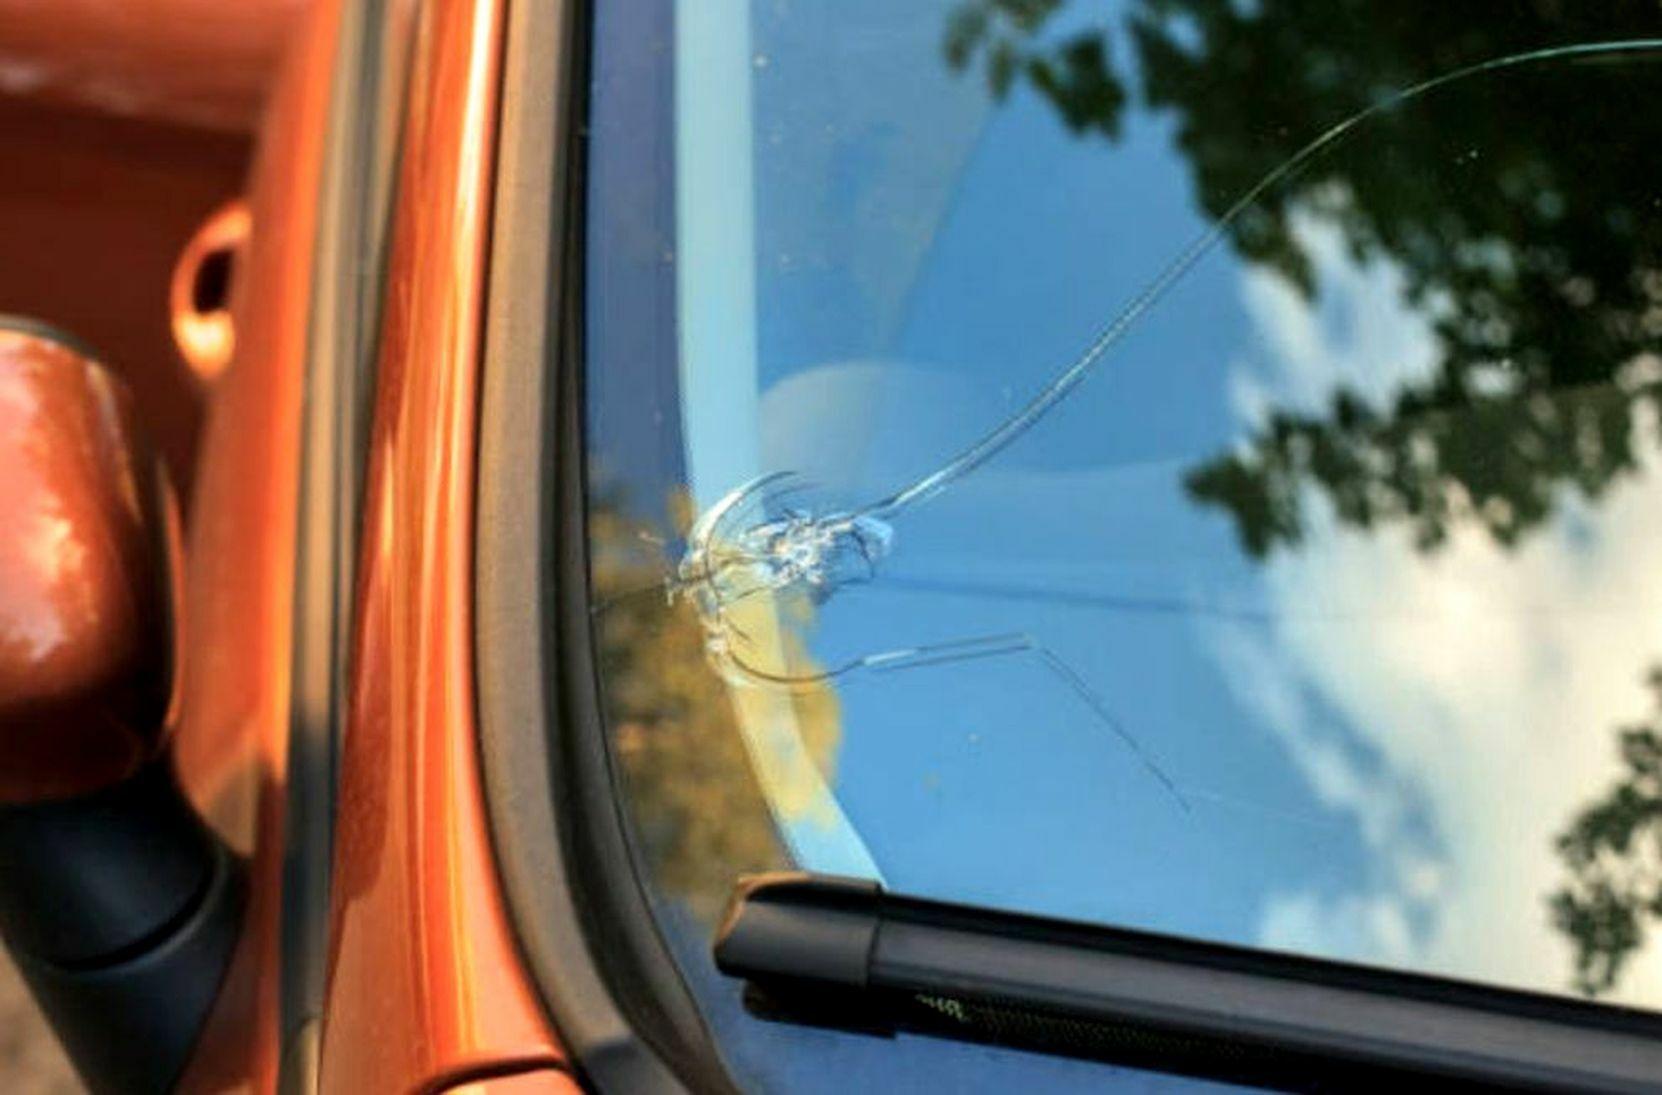 ne-otkladyvajte-remont-skolov-lobovogo-stekla